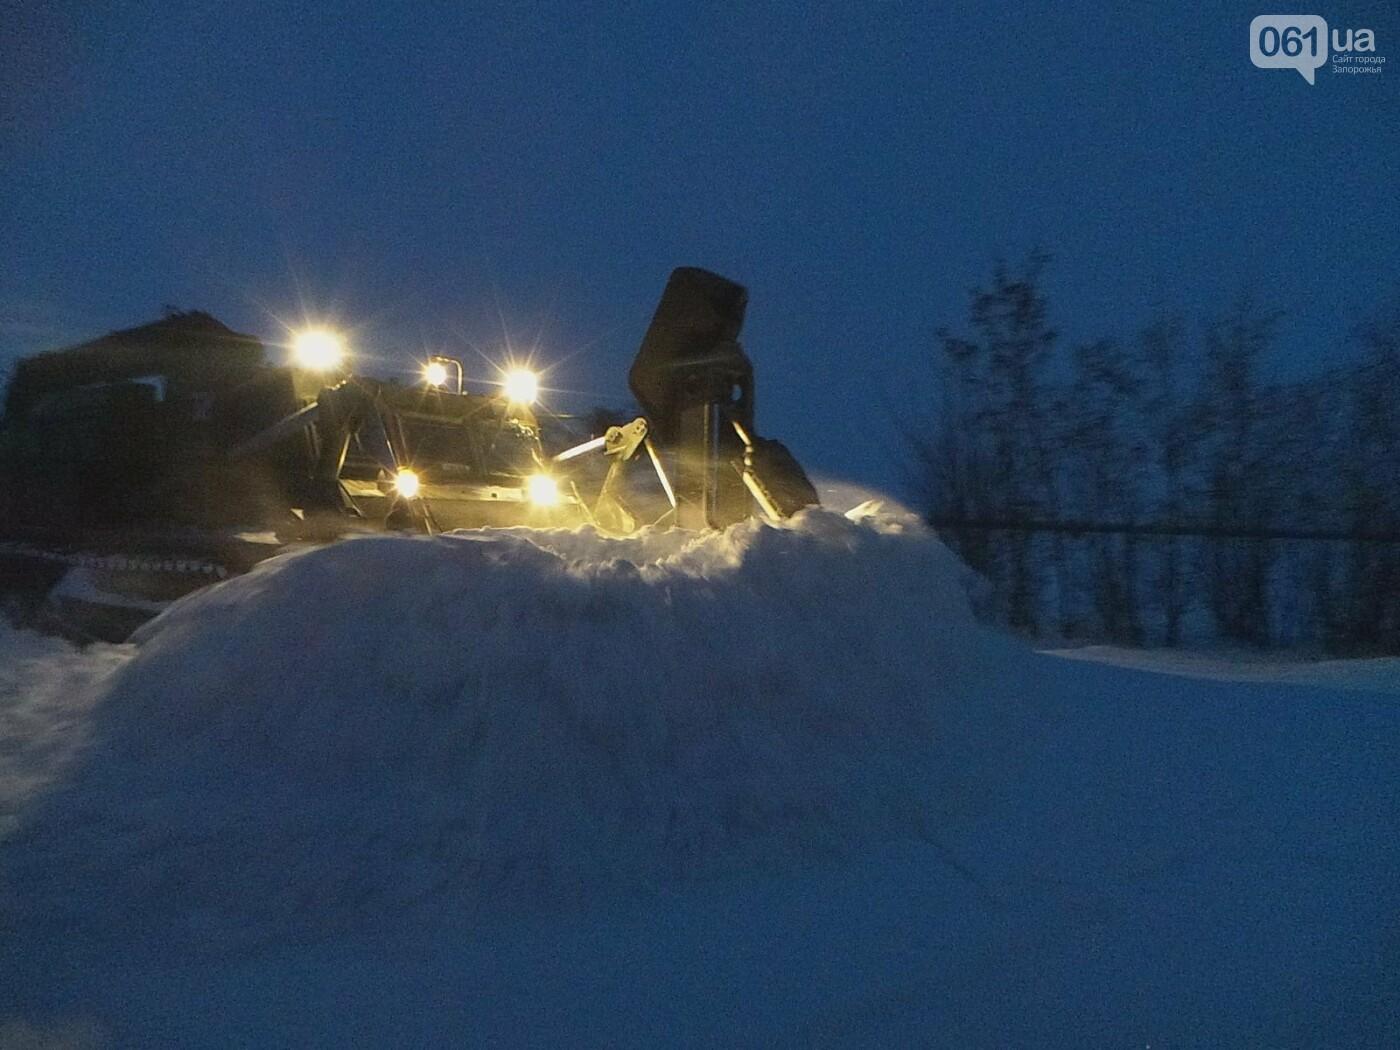 В Запорожской области за 4 суток из снега вытащили 192 машины, спасены 453 человека, - ФОТО, ВИДЕО, фото-6